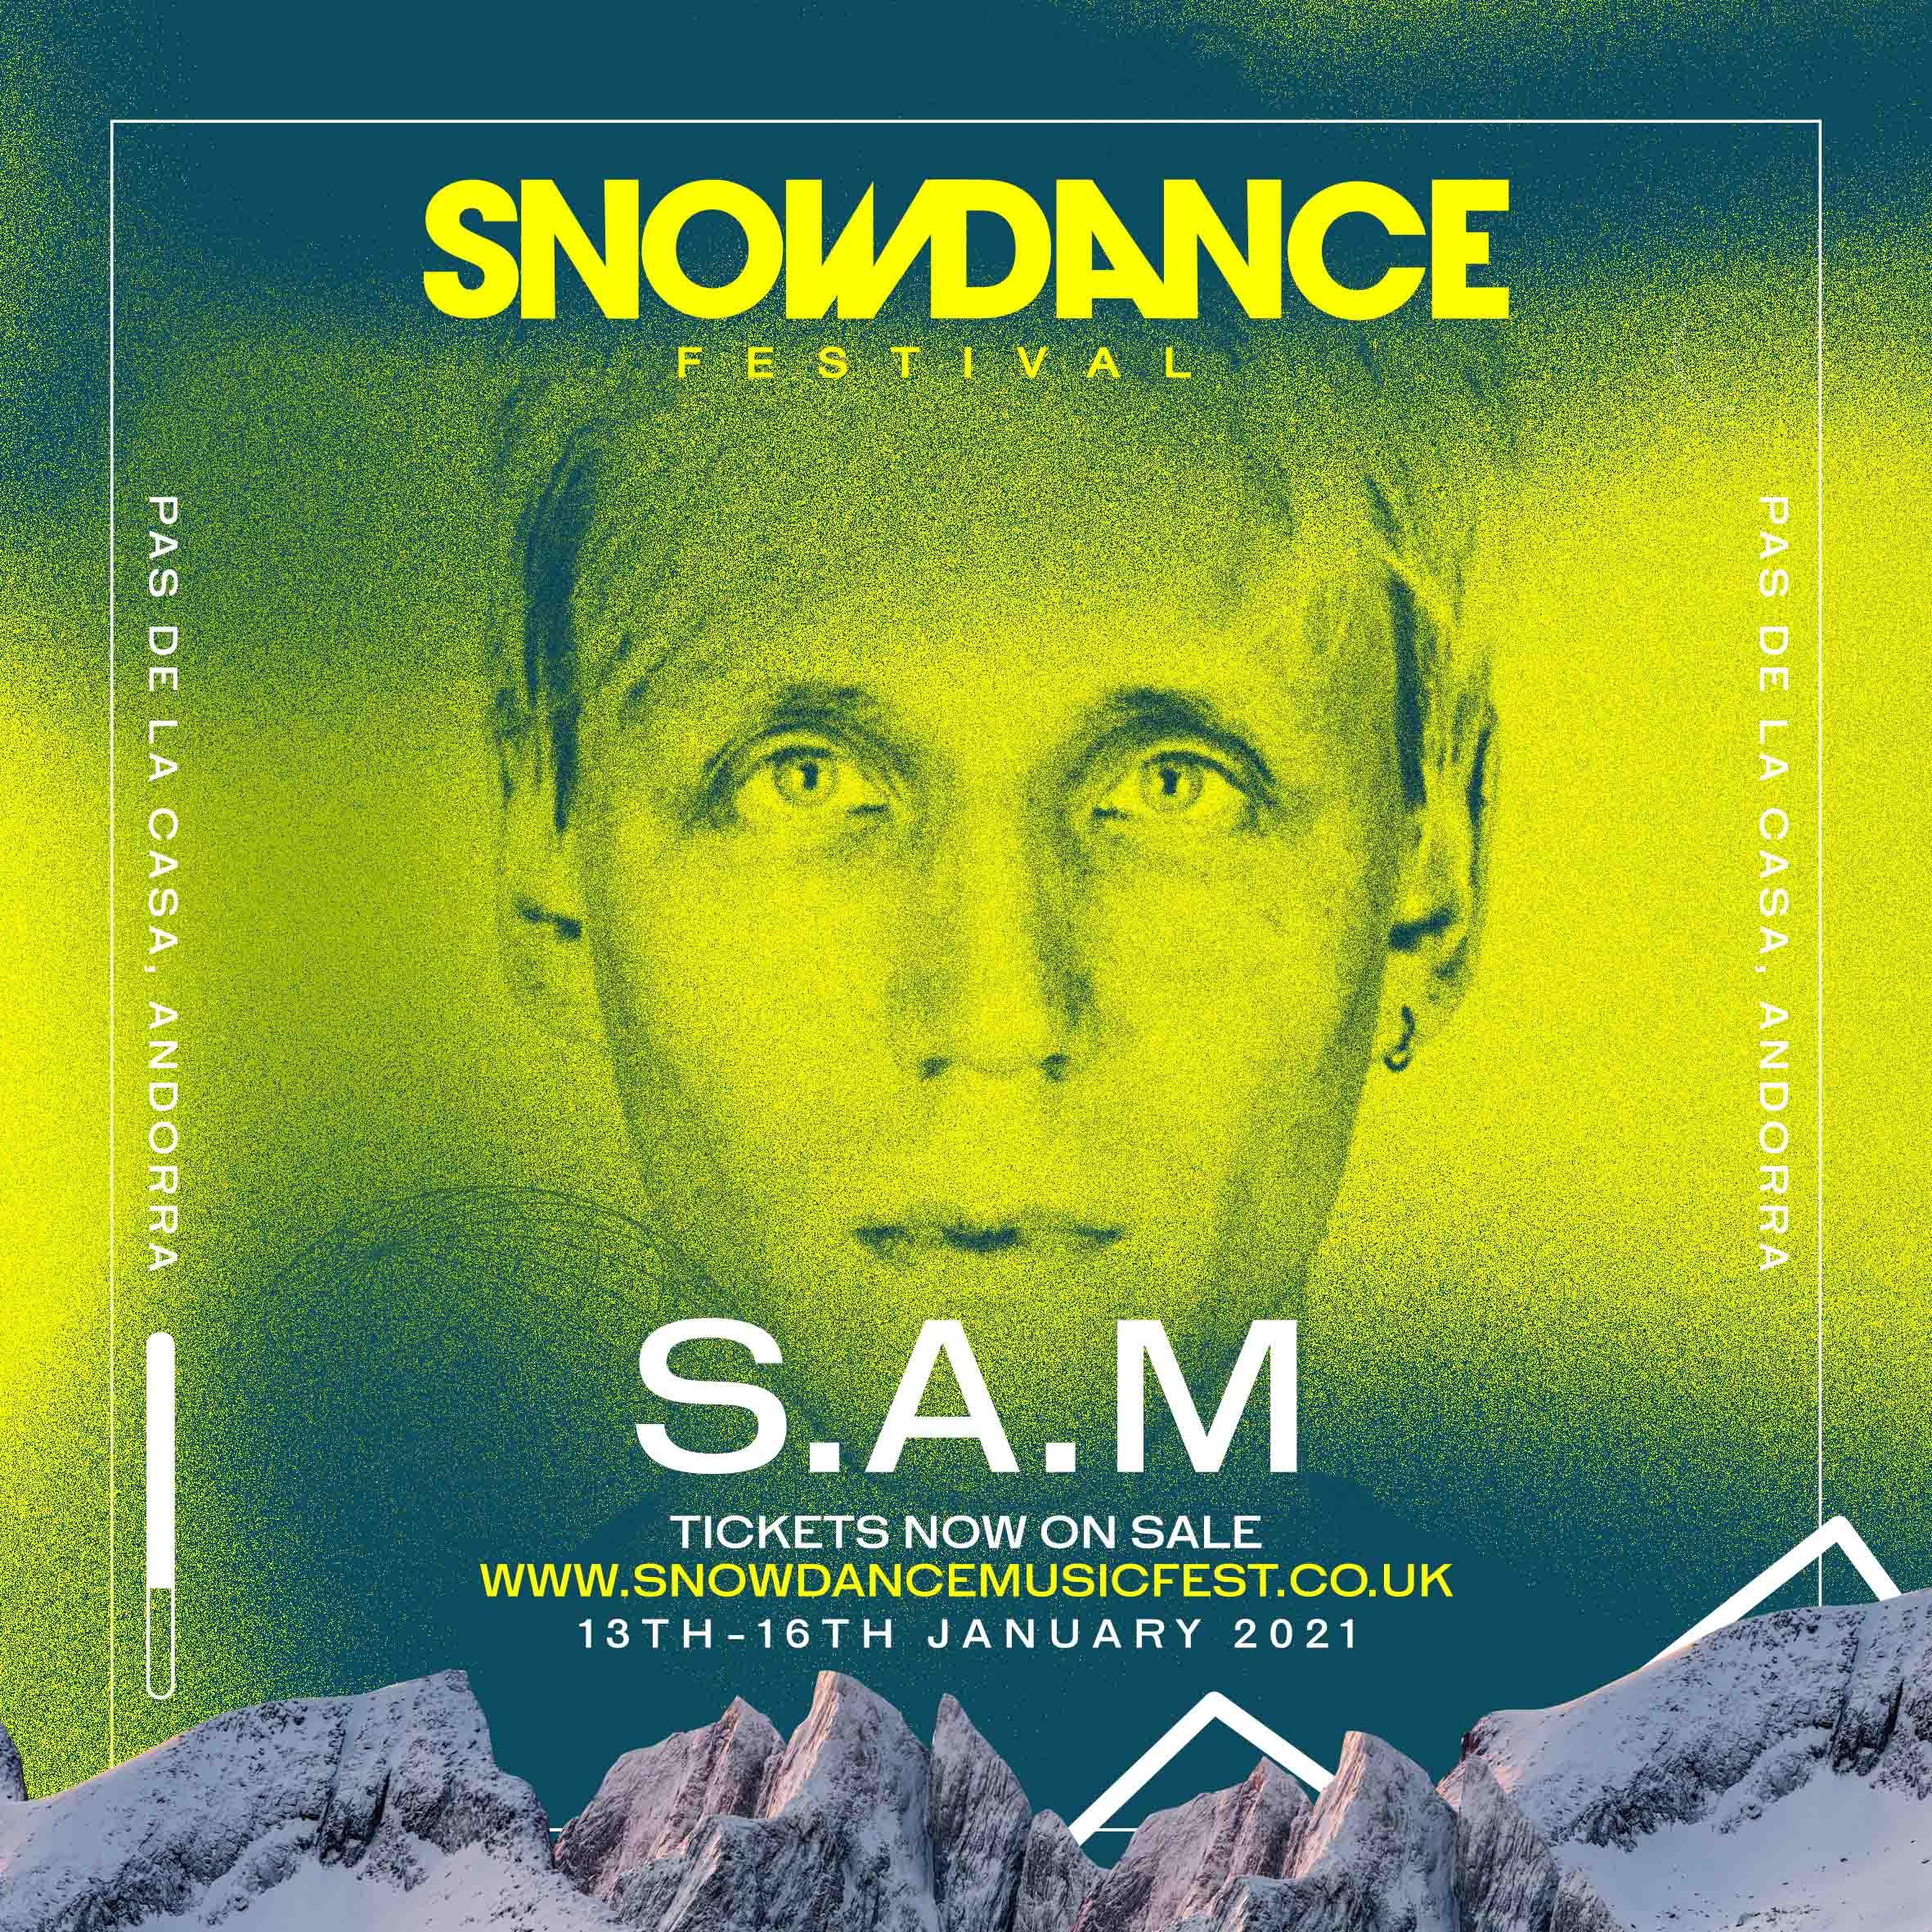 SnowDance festival SAM